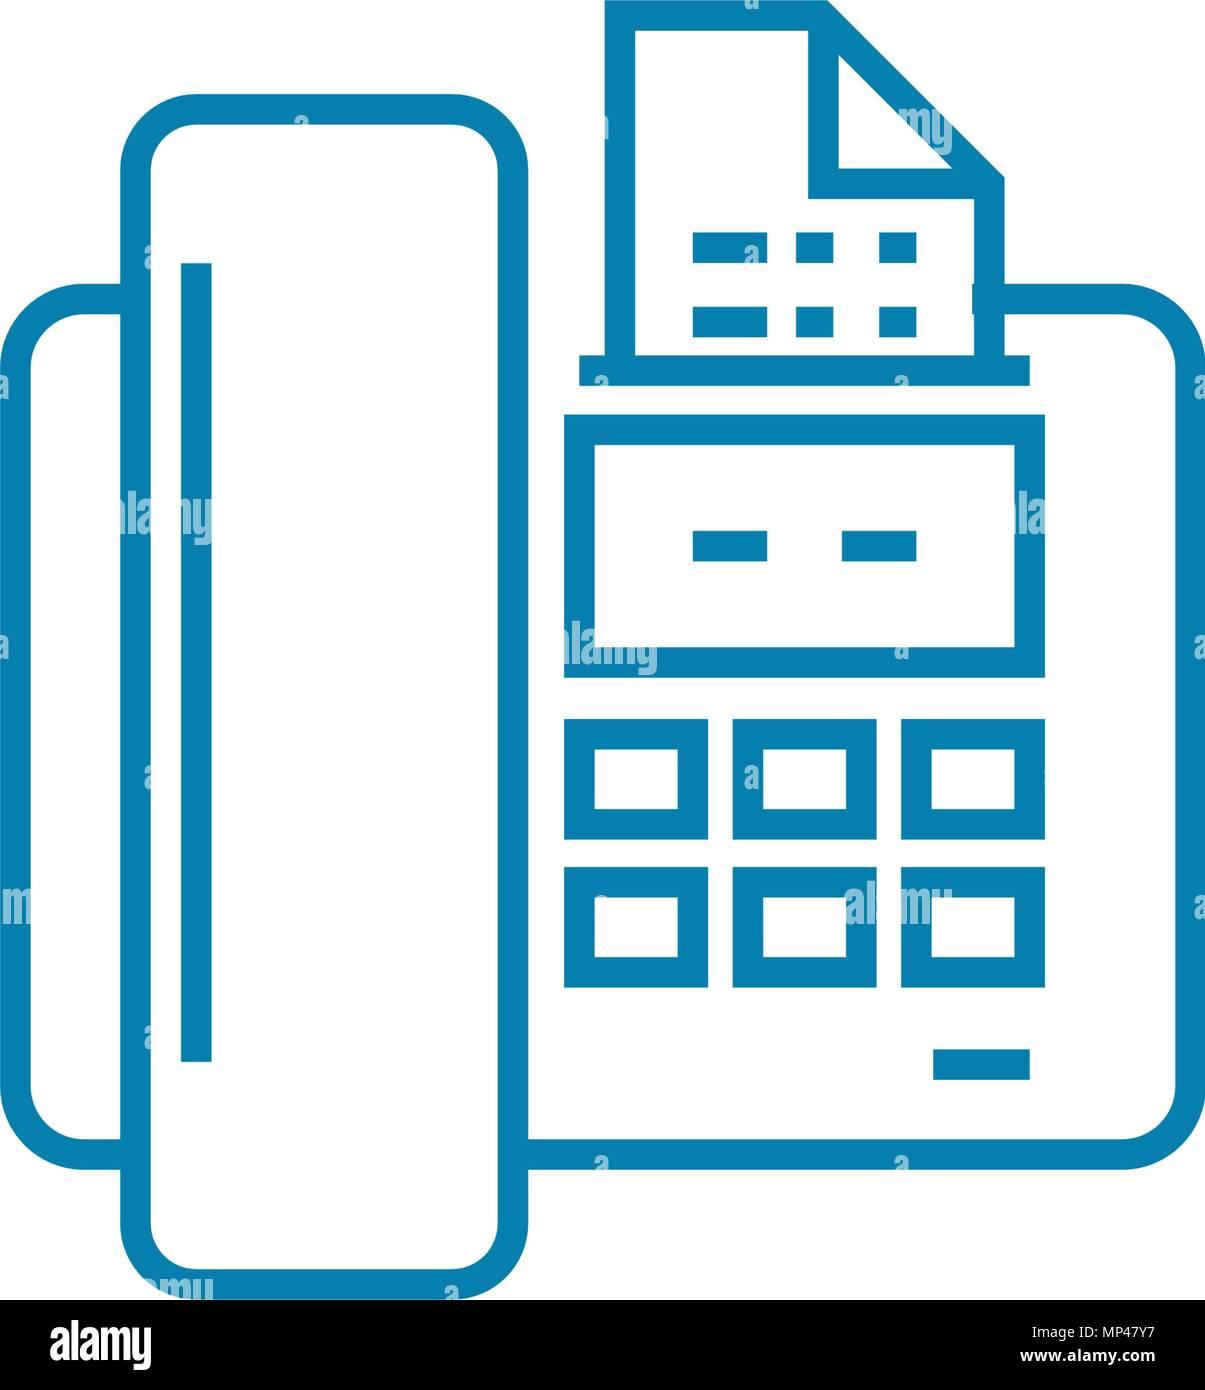 Sending a fax linear icon concept. Sending a fax line vector sign, symbol, illustration. - Stock Vector